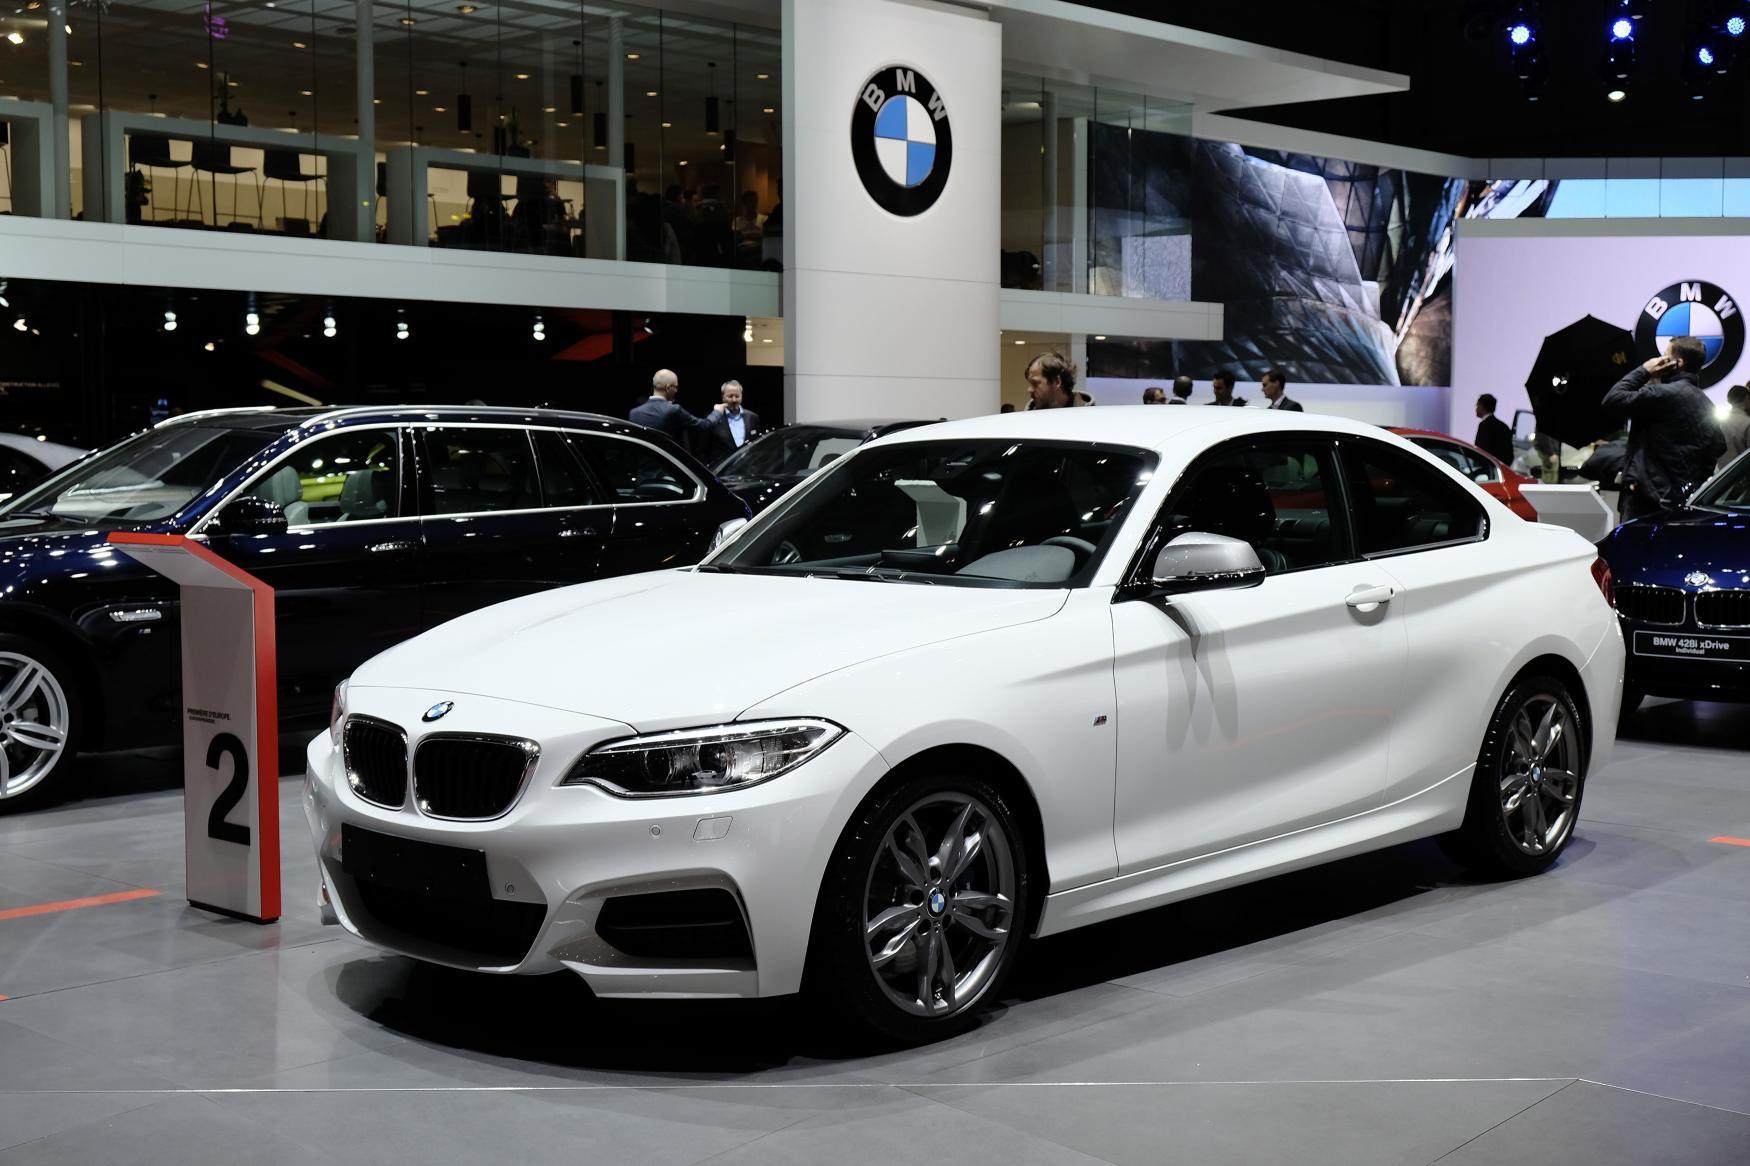 Con absoluto secreto a medias, BMW podría estar desarrollando la versión mas radical del M2, haciéndolo mas deportivo y con altas prestaciones.